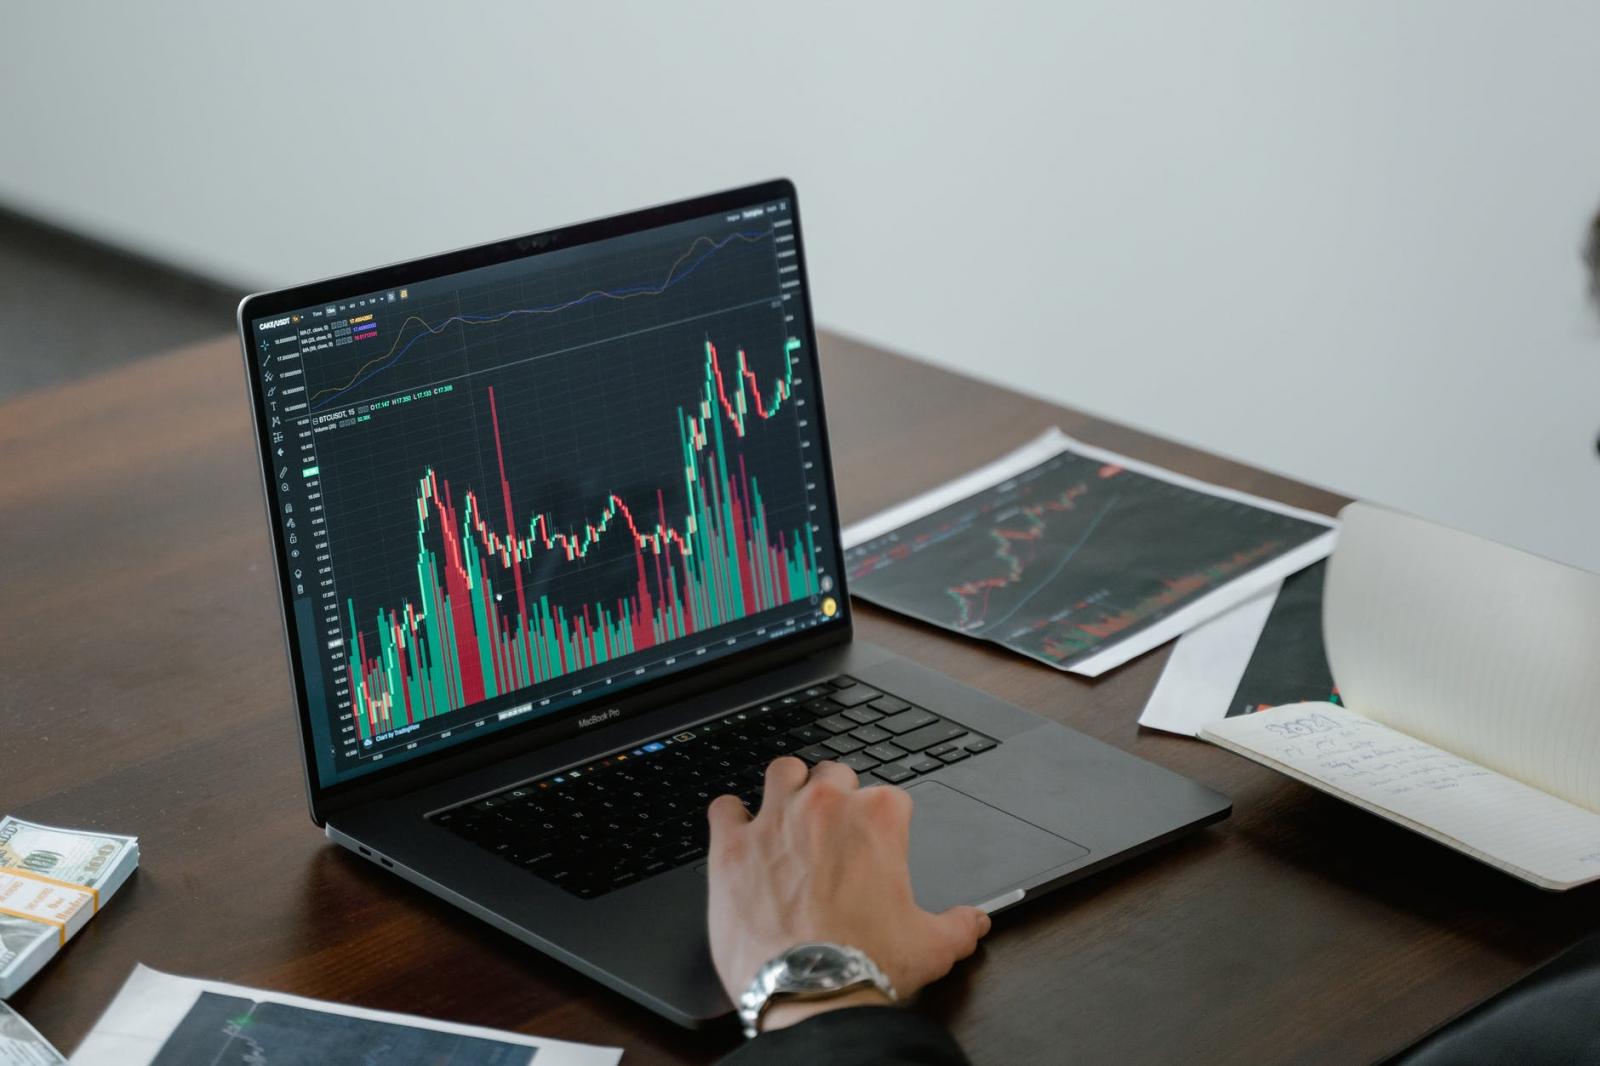 【理財專知】什麼是股票趨勢?跟著它走真的能賺錢?